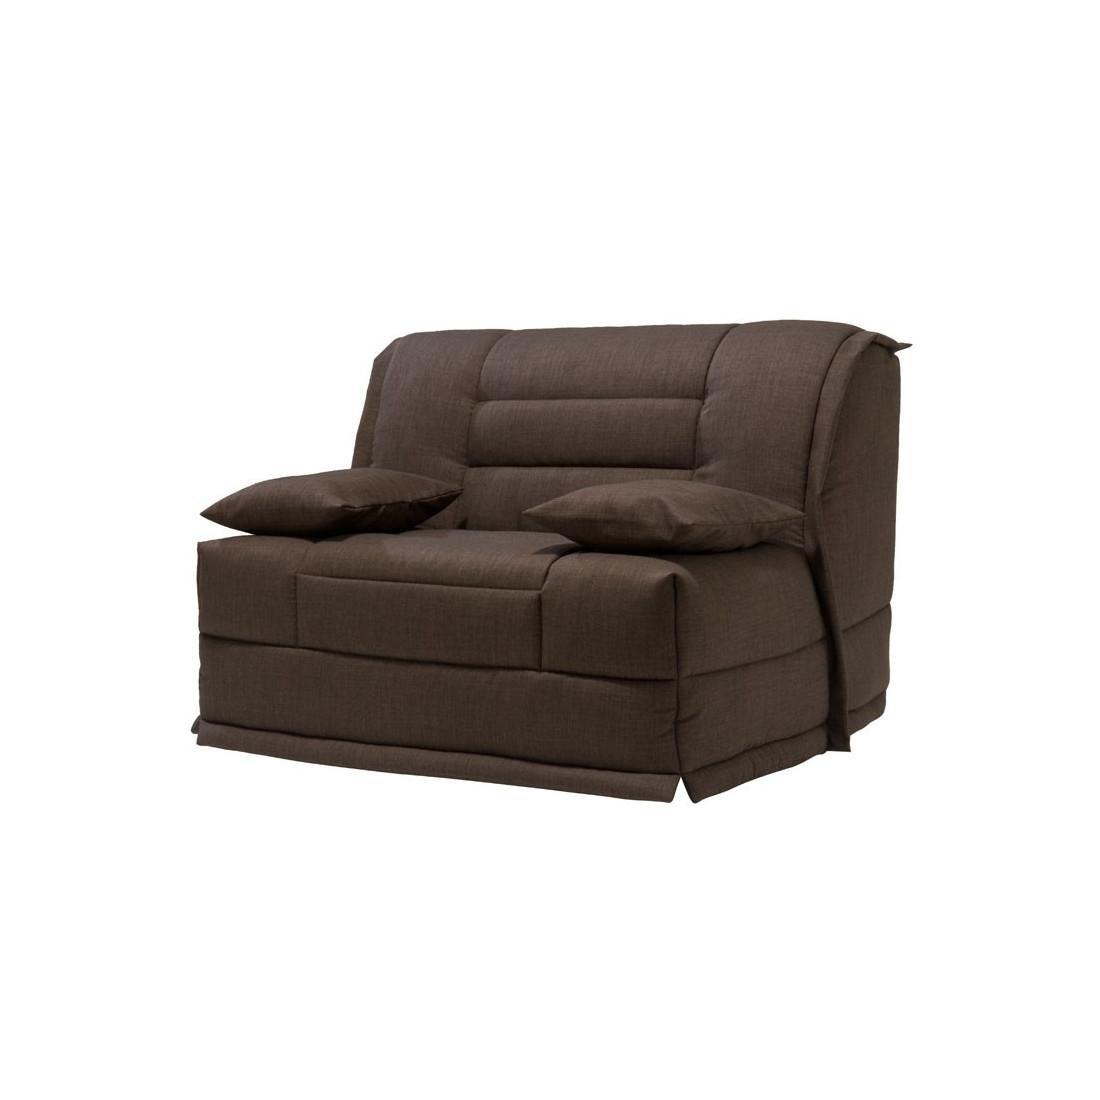 fauteuil lit bz microfibre chocolat uni matelas hr 120 cm speed capy. Black Bedroom Furniture Sets. Home Design Ideas